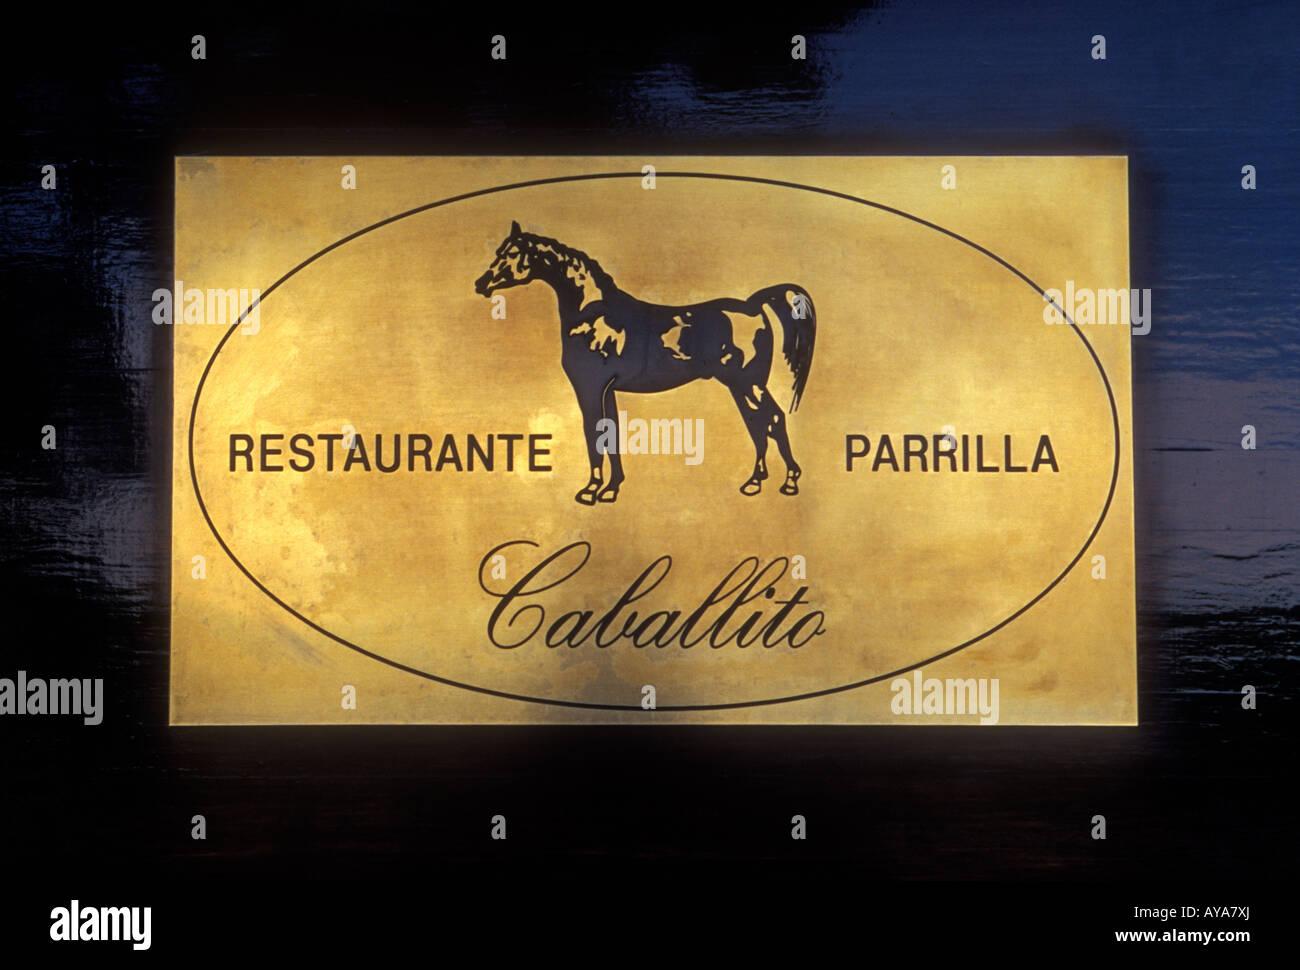 Restaurante Caballito, Caballito Restaurant, Parrilla, Spanisch ...